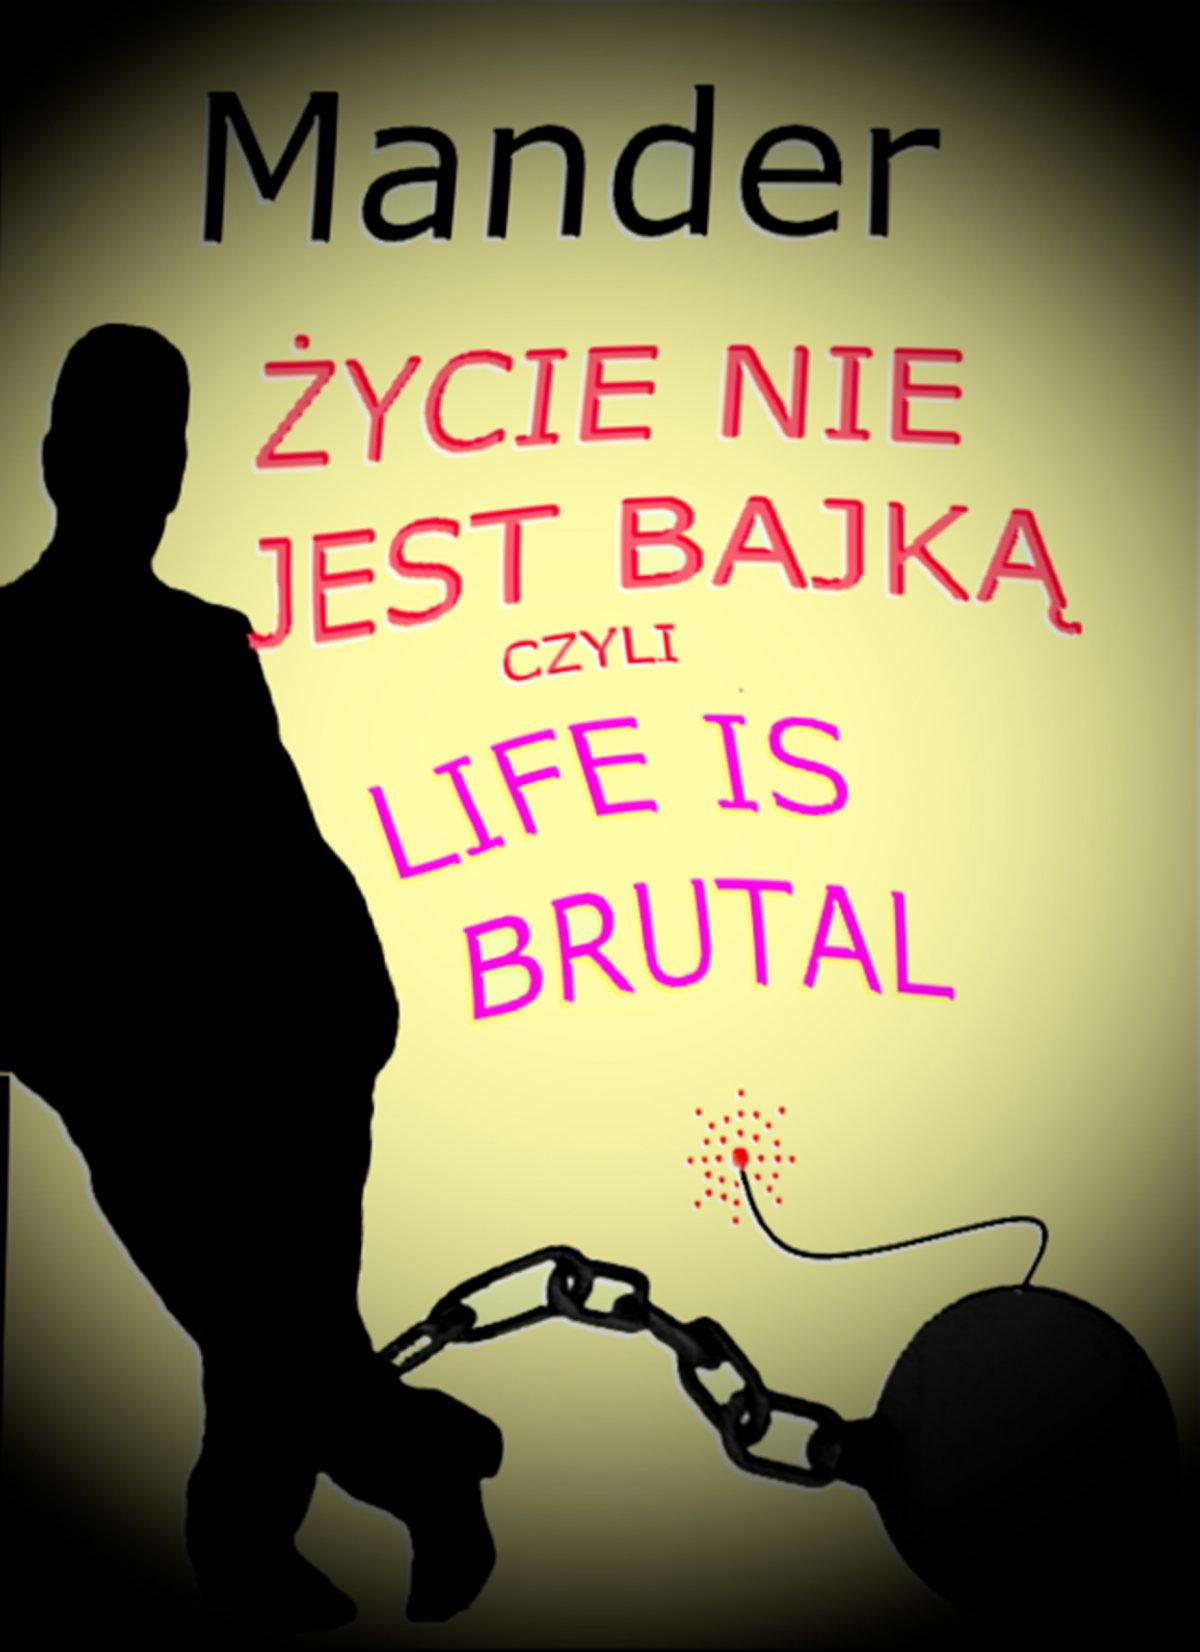 Życie nie jest bajką czyli Life is brutal - Ebook (Książka EPUB) do pobrania w formacie EPUB